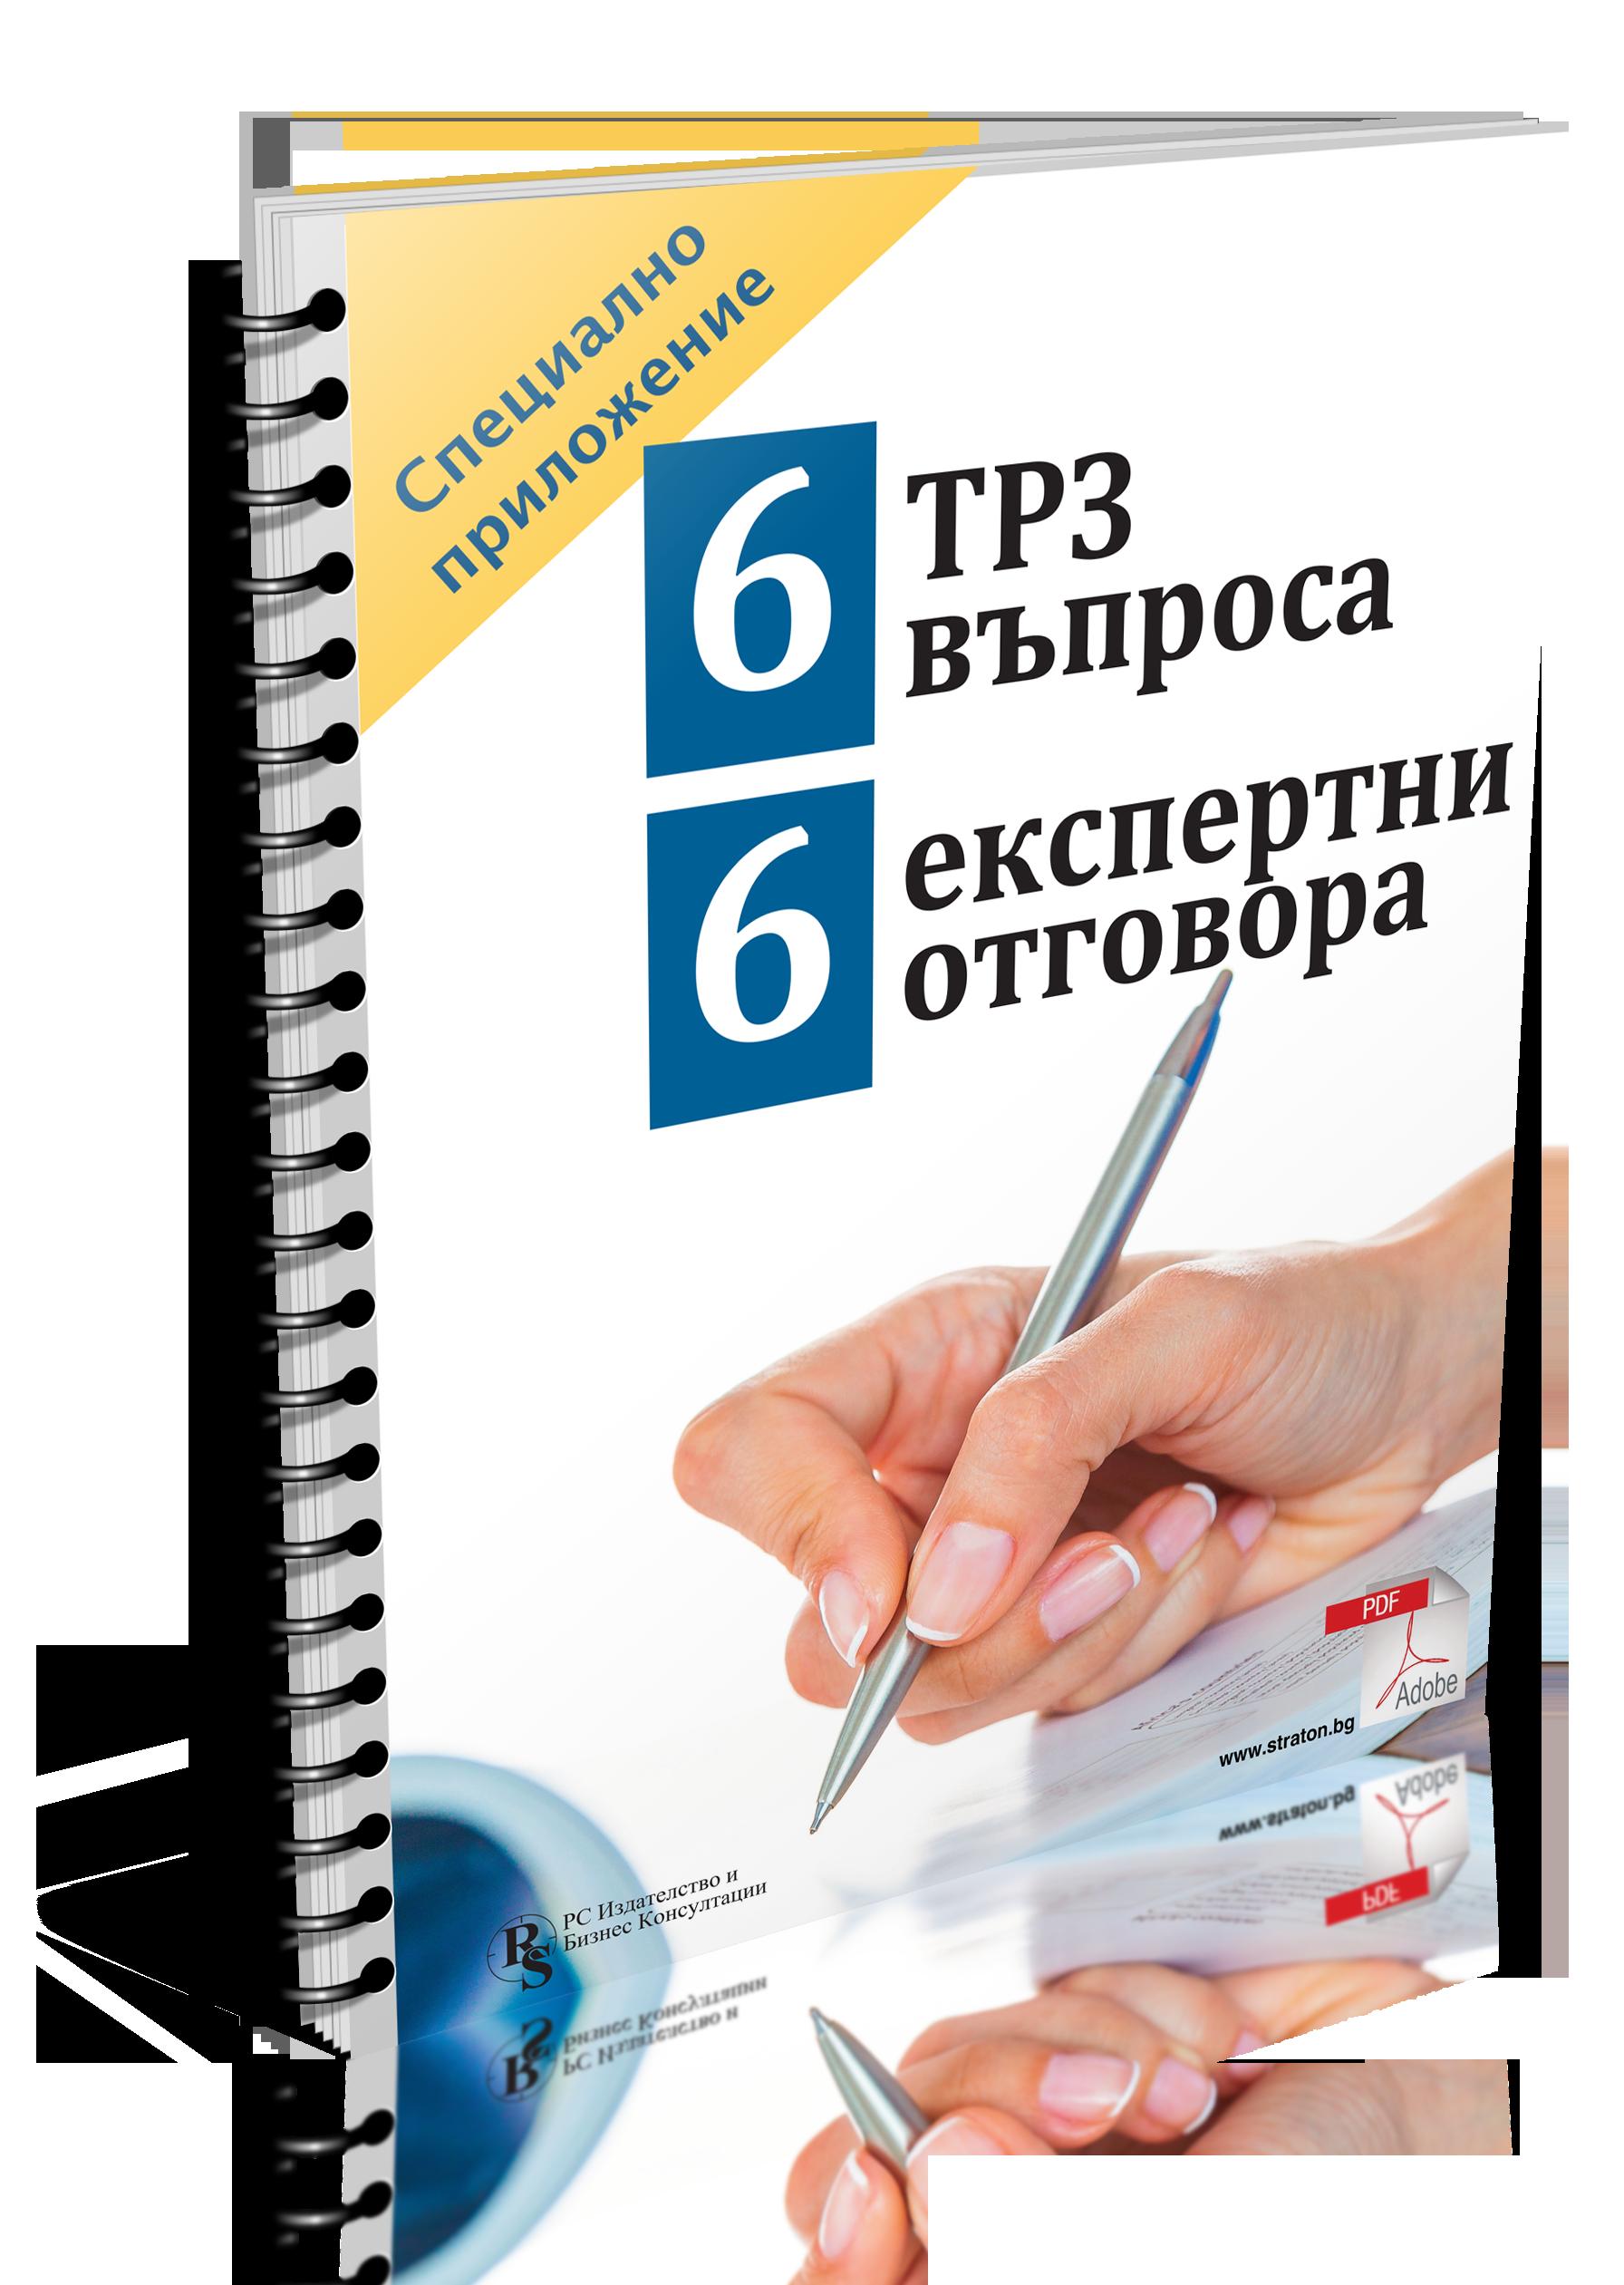 6 ТРЗ въпроса - 6 експертни отговора